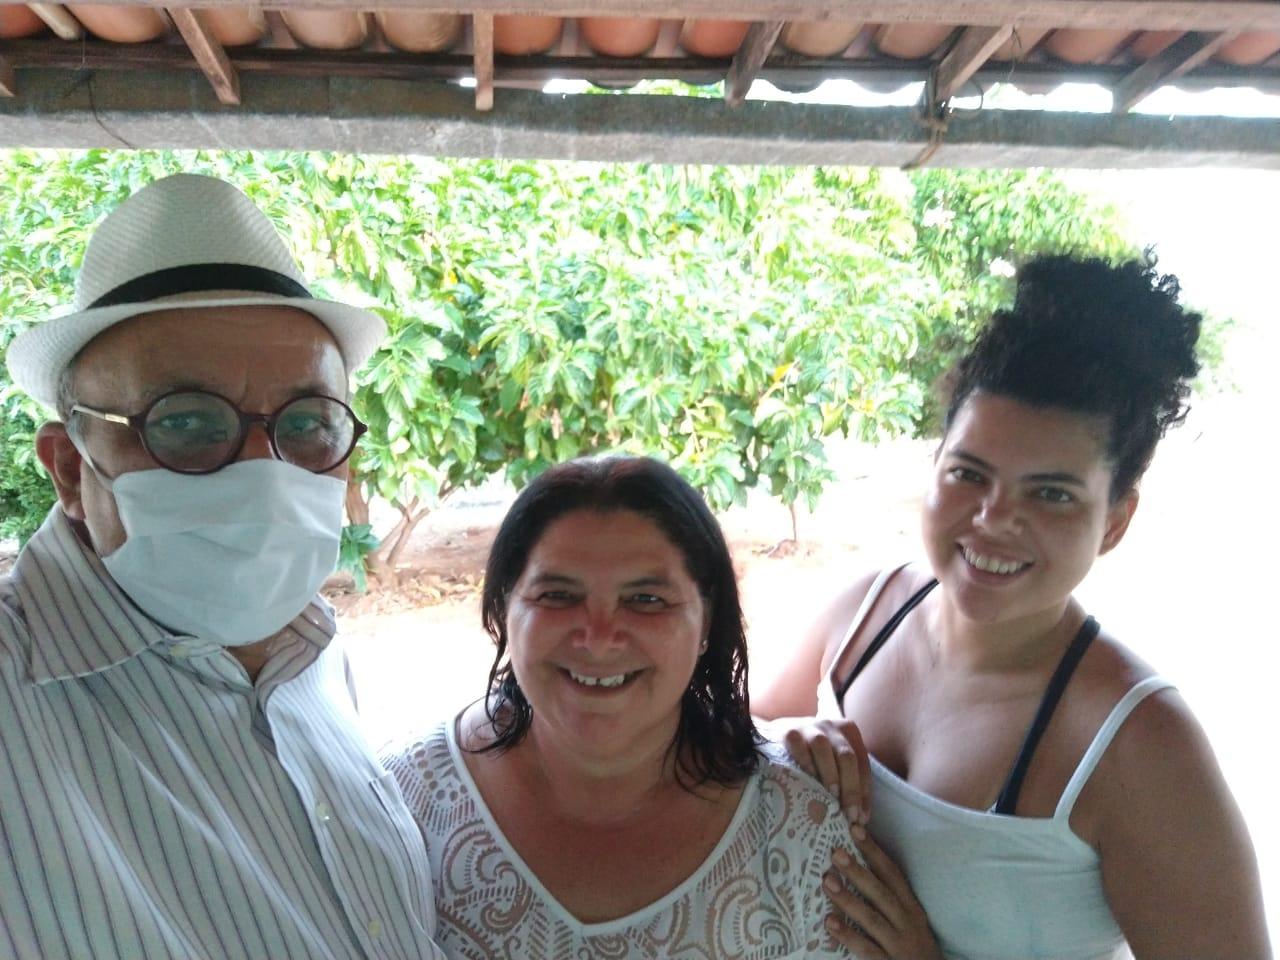 Vereador Zé Gonçalves visita zona rural e denuncia que as estradas não foram recuperadas